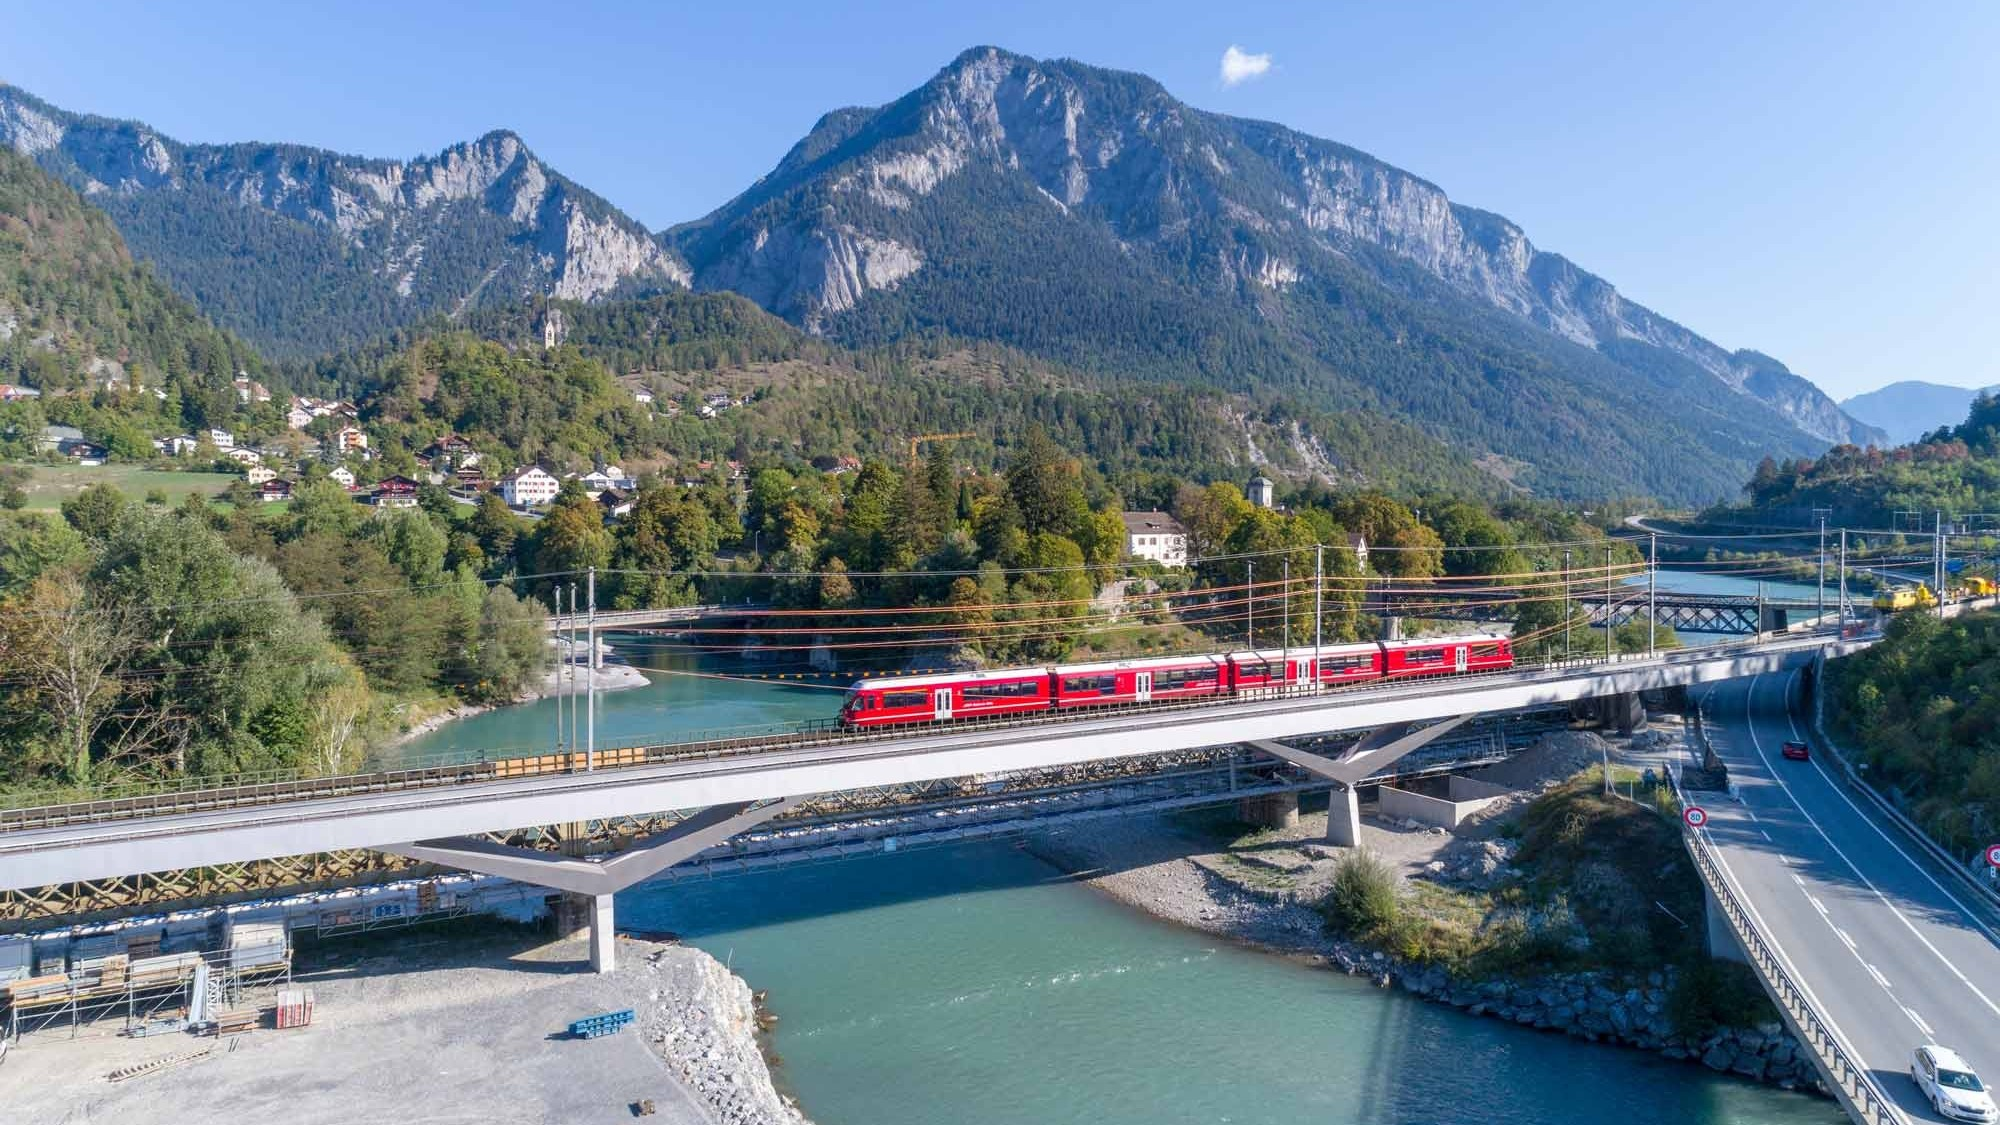 Prix Acier Anerkennung Hinterrheinbrücke Reichenau